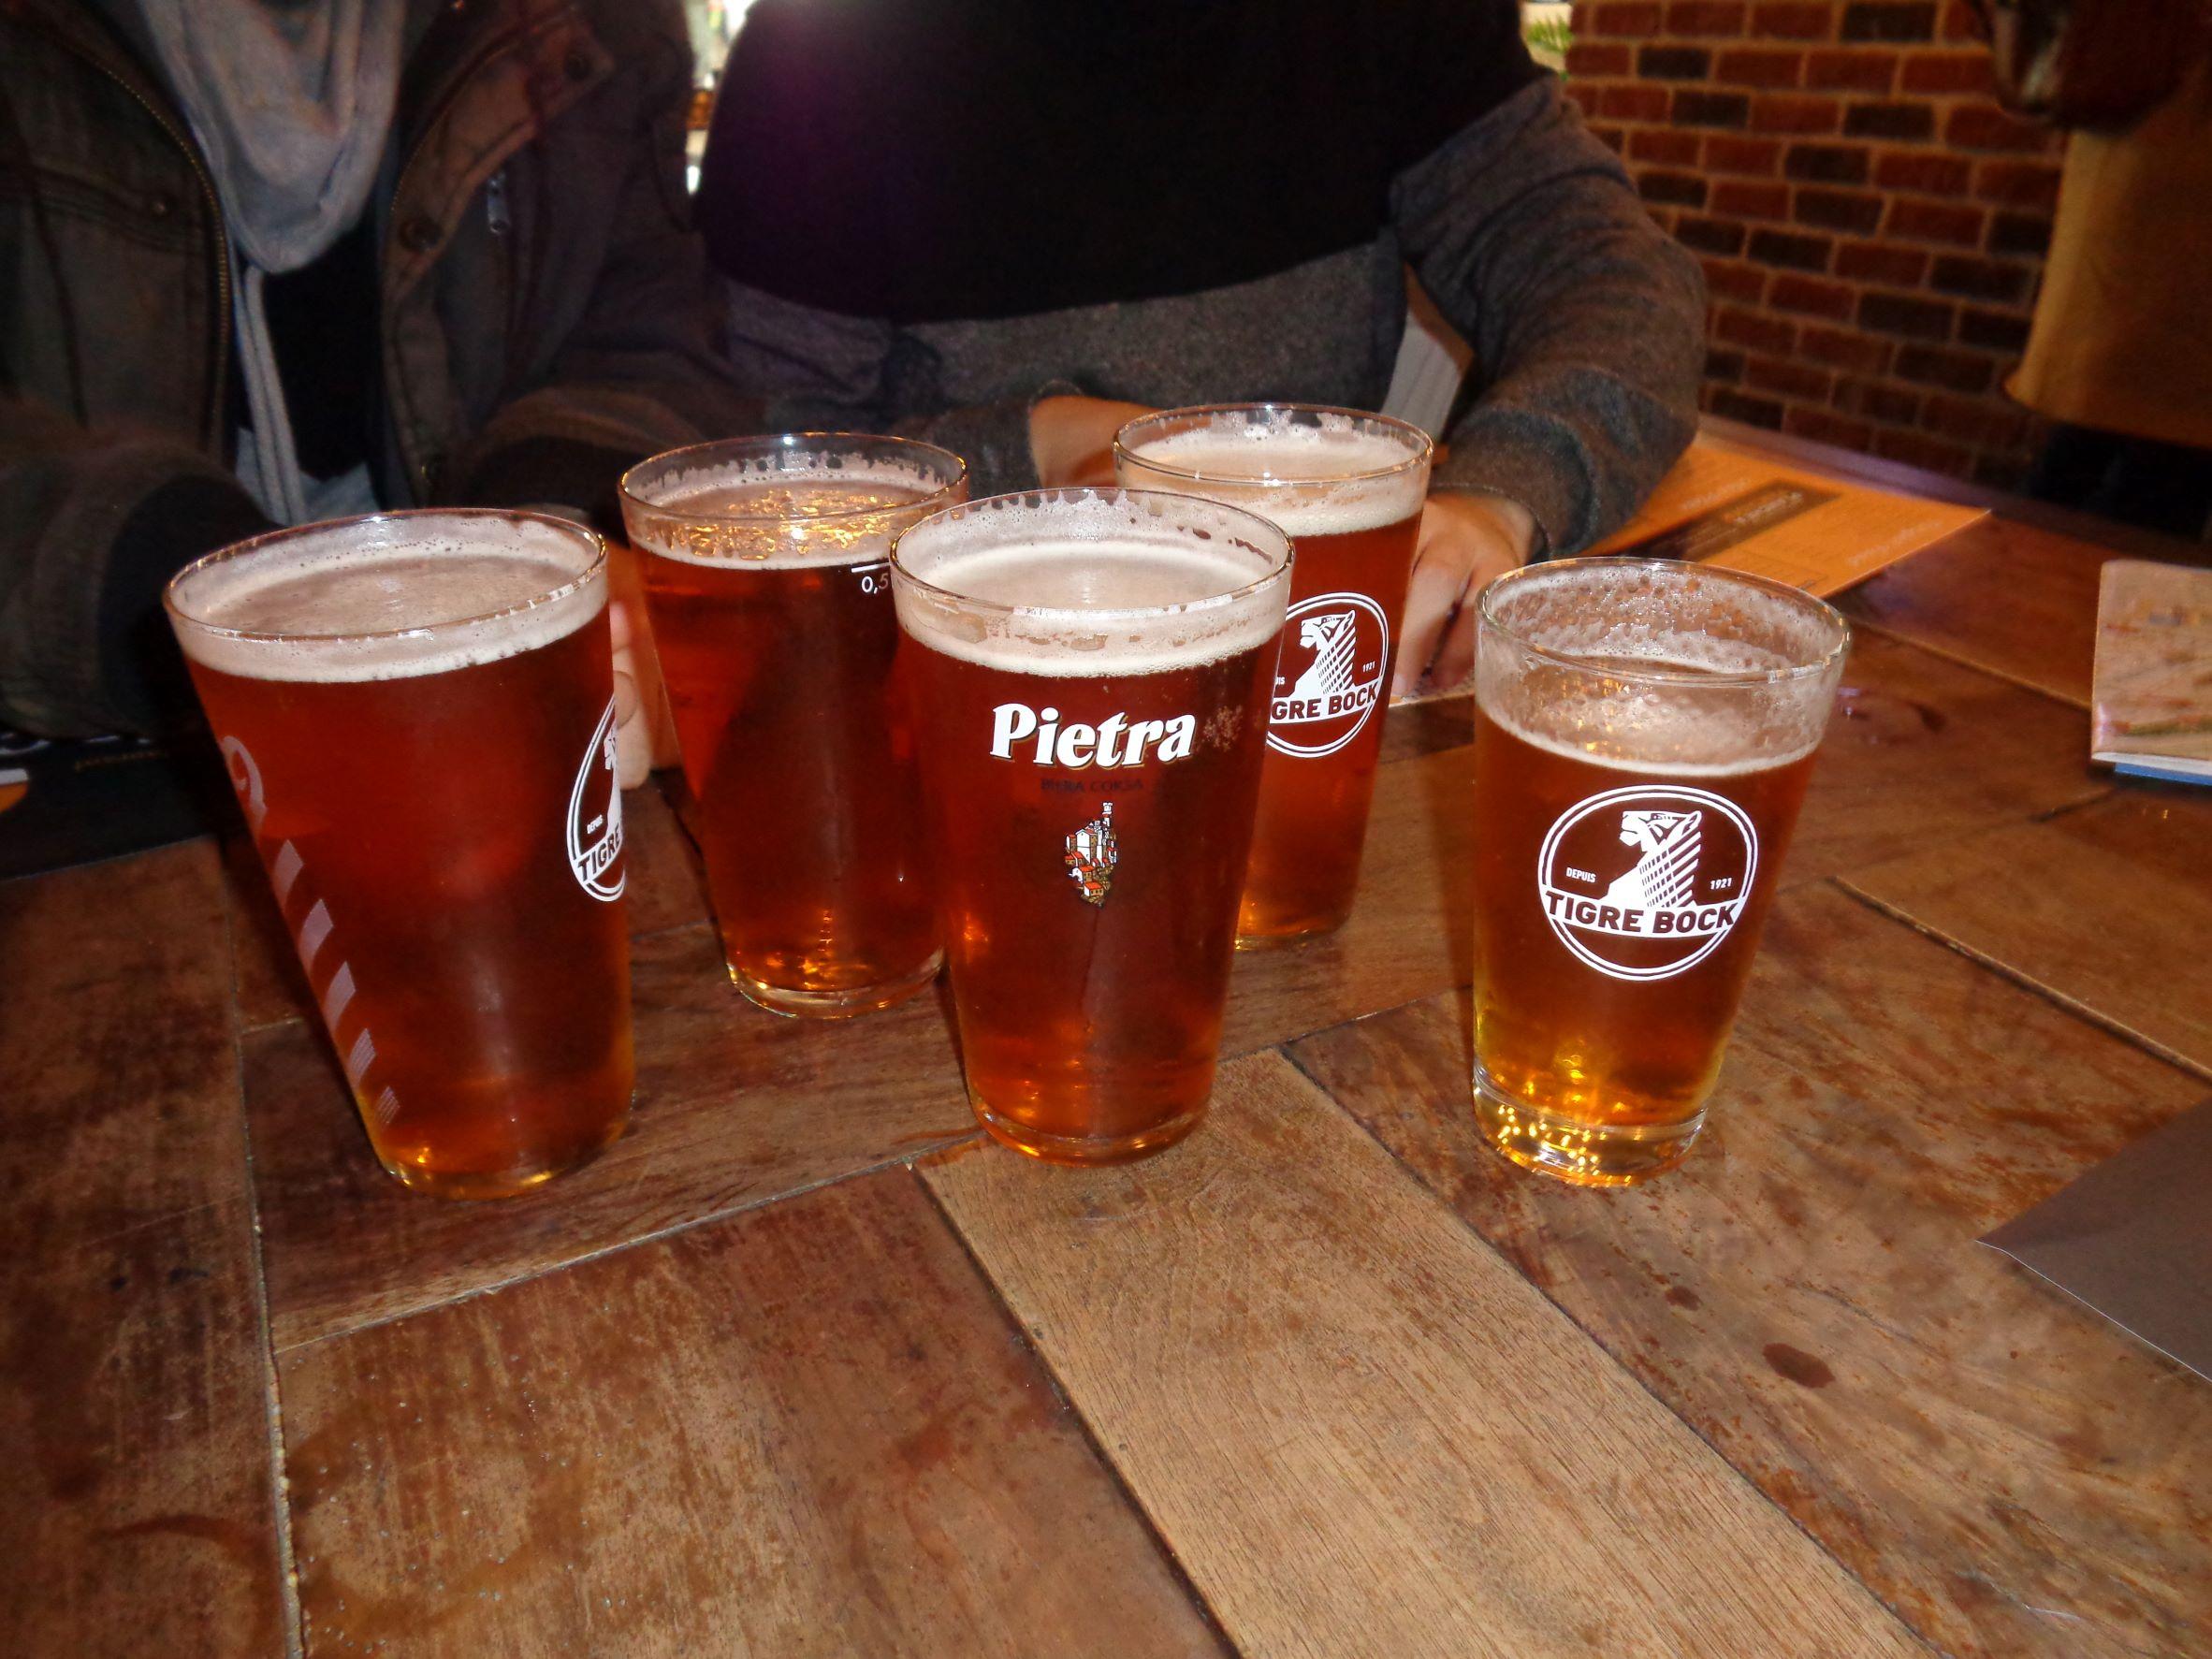 Poitiers factory resto tigre bock beers oct21